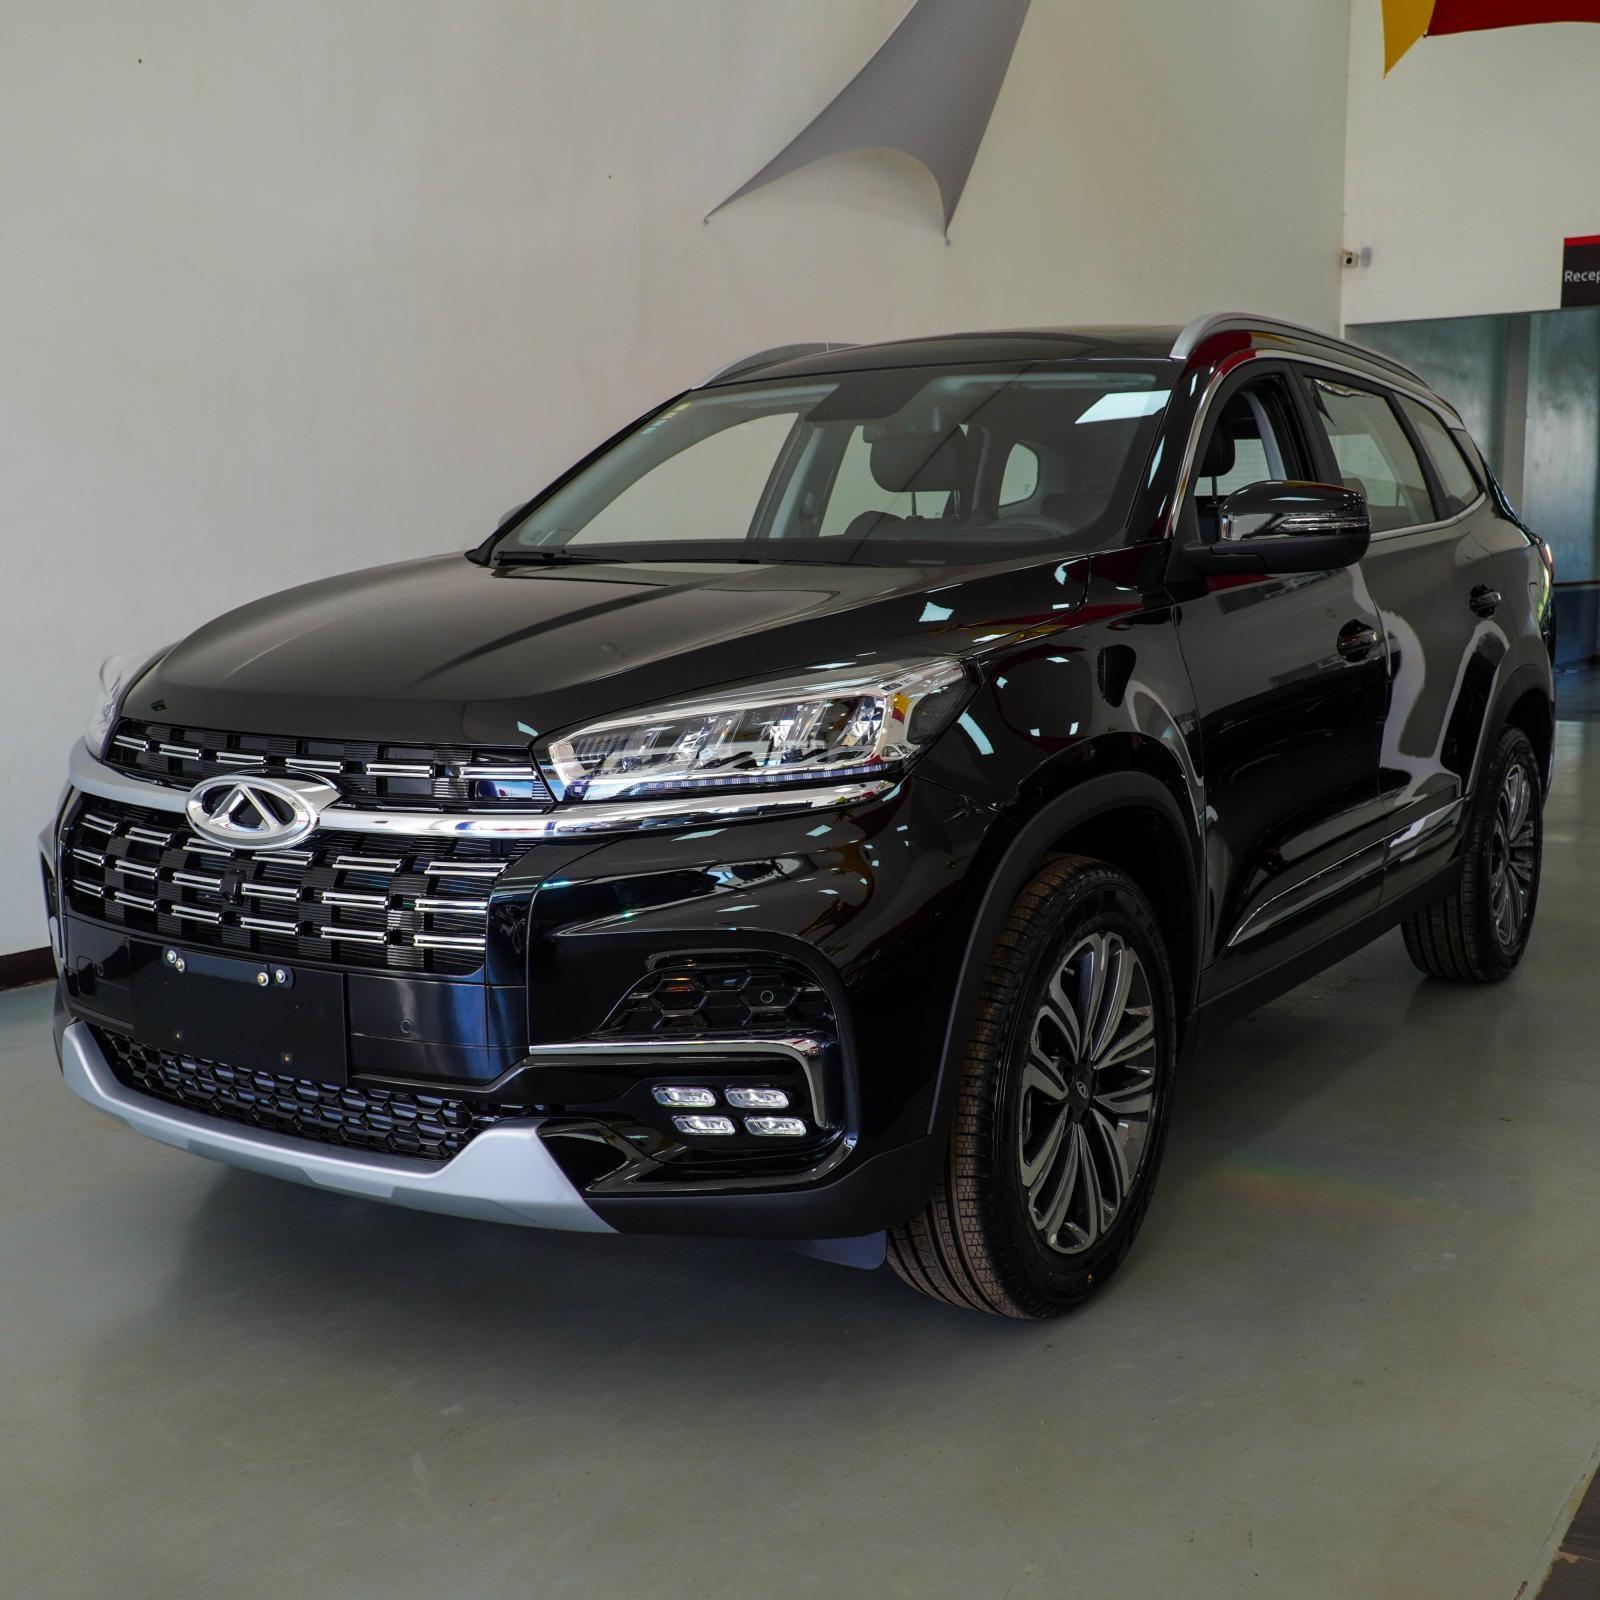 //www.autoline.com.br/carro/chery/tiggo-8-16-txs-t-16v-gasolina-4p-turbo-automatico/2022/valparaiso-de-goias-go/15719983